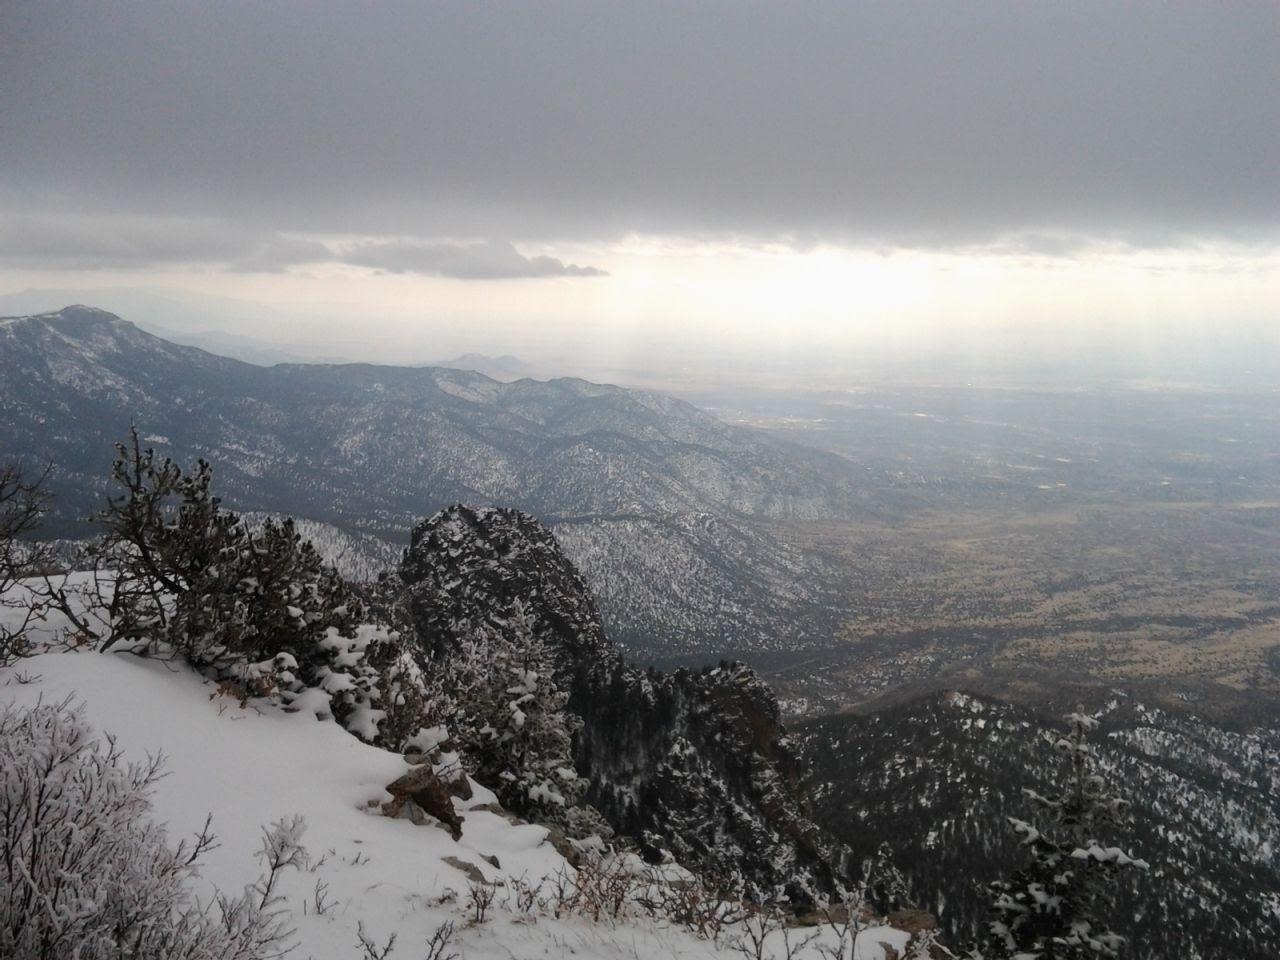 photo SnowSunbeams.jpg